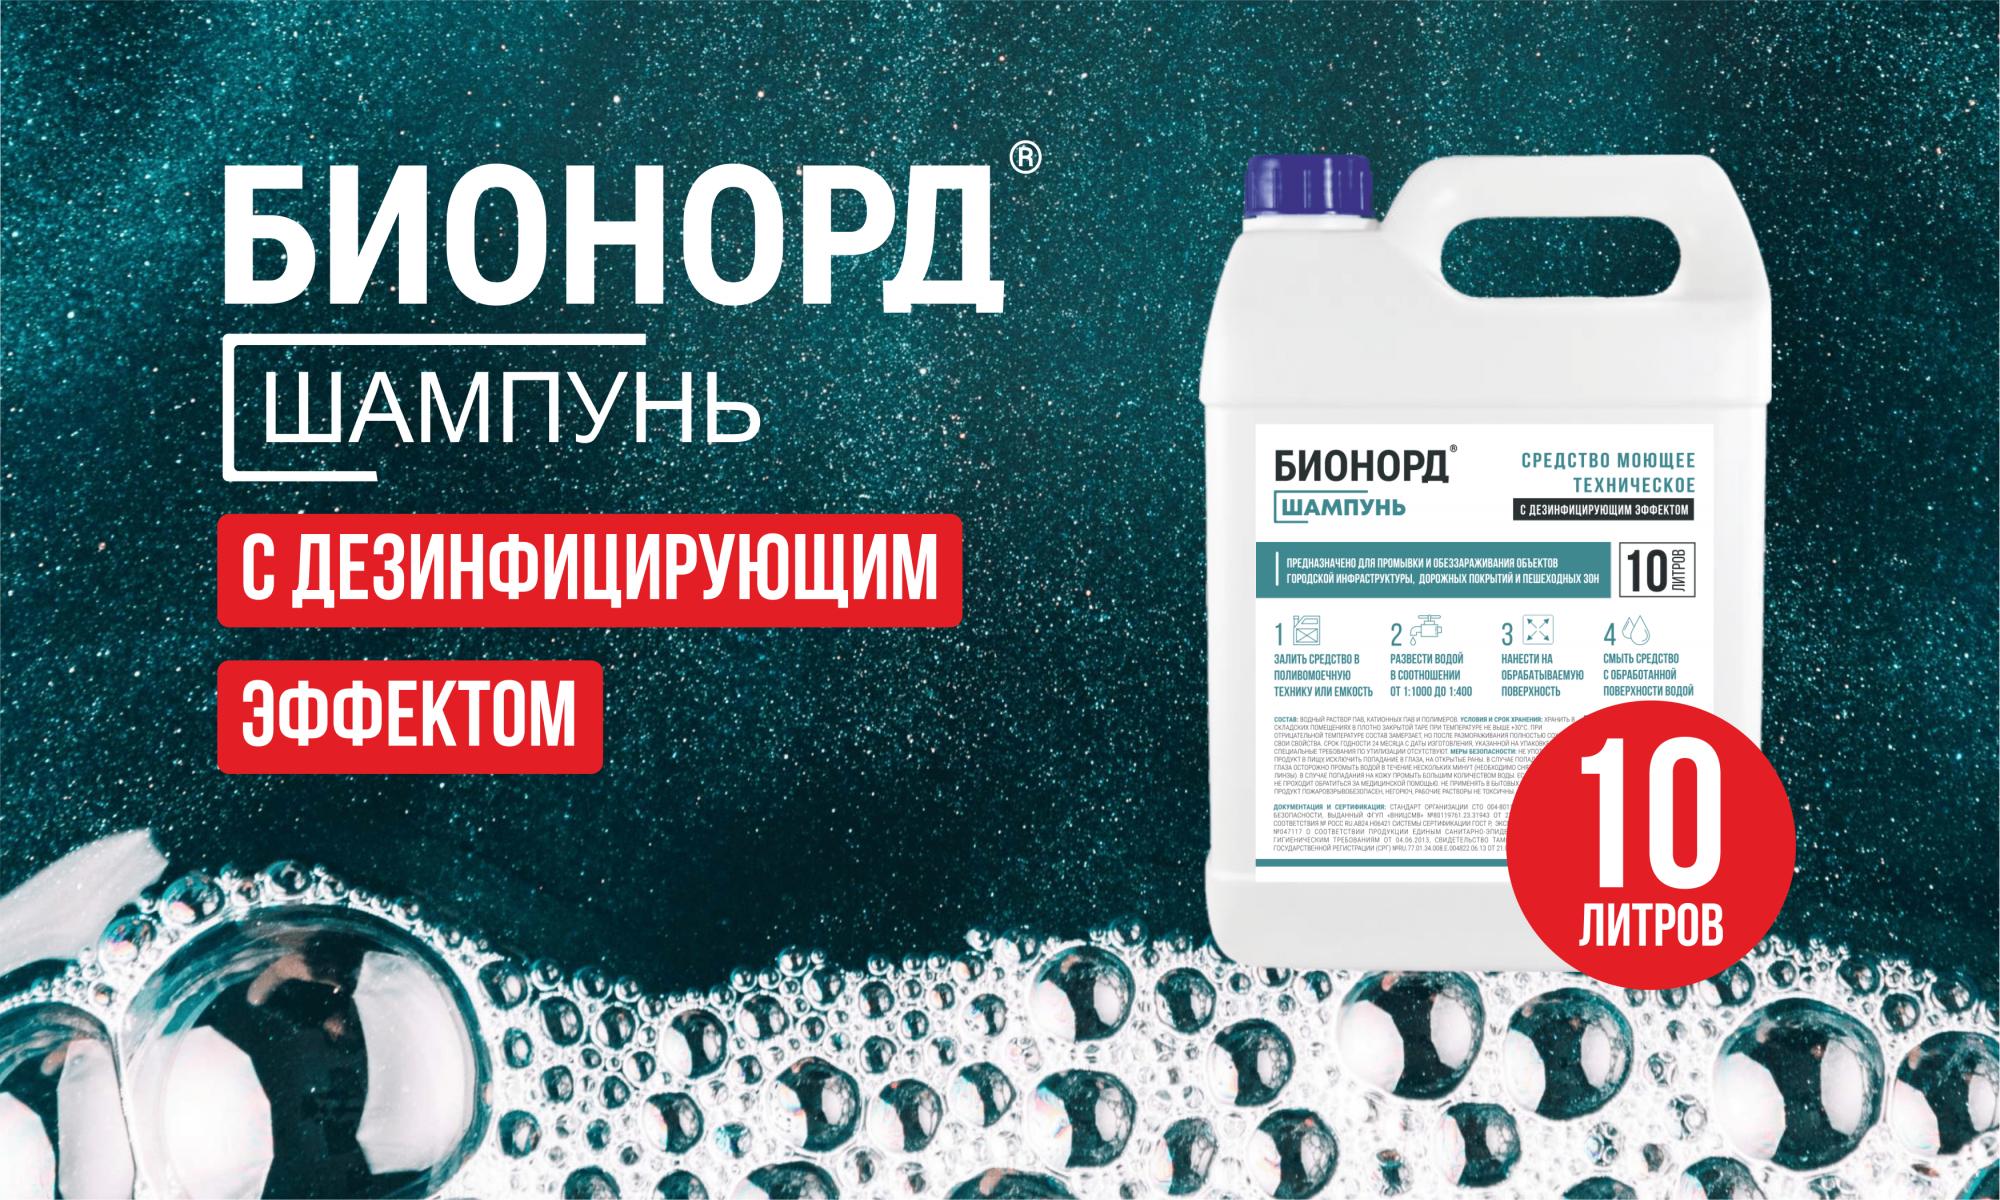 Бионорд шампунь с дезинфицирующим эффектом